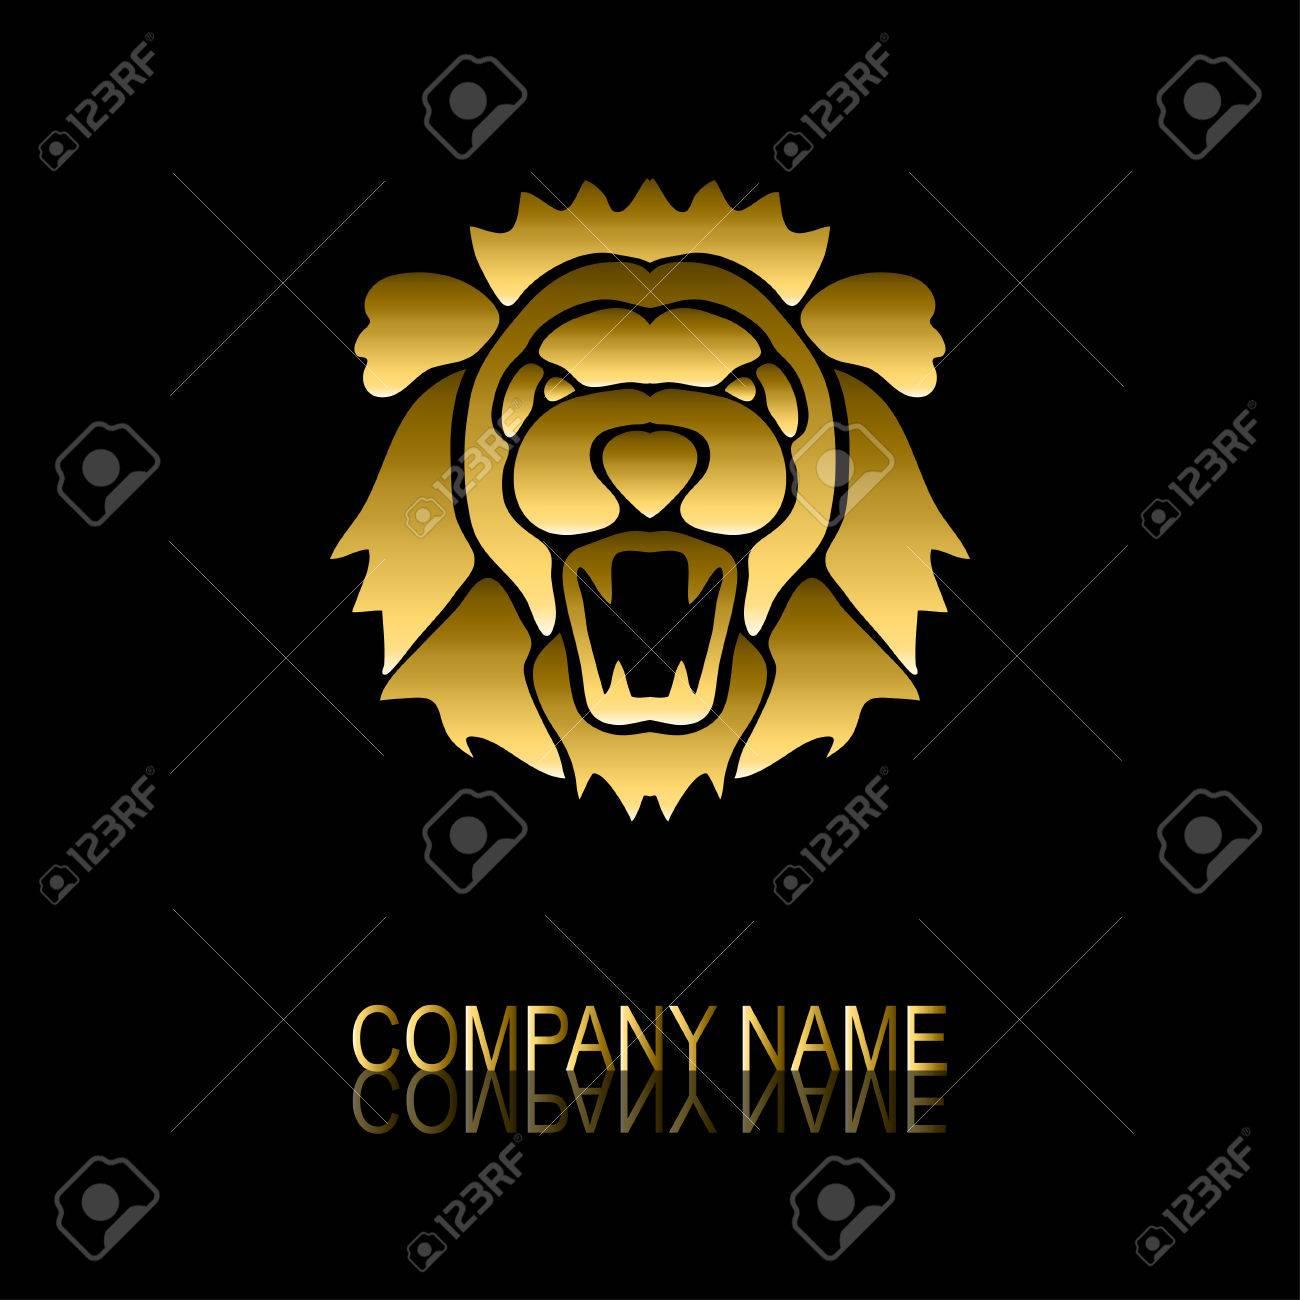 foto de archivo resumen de oro signo de len smbolo elemento de diseo puede ser utilizado para la identidad corporativa emblema de la compaa